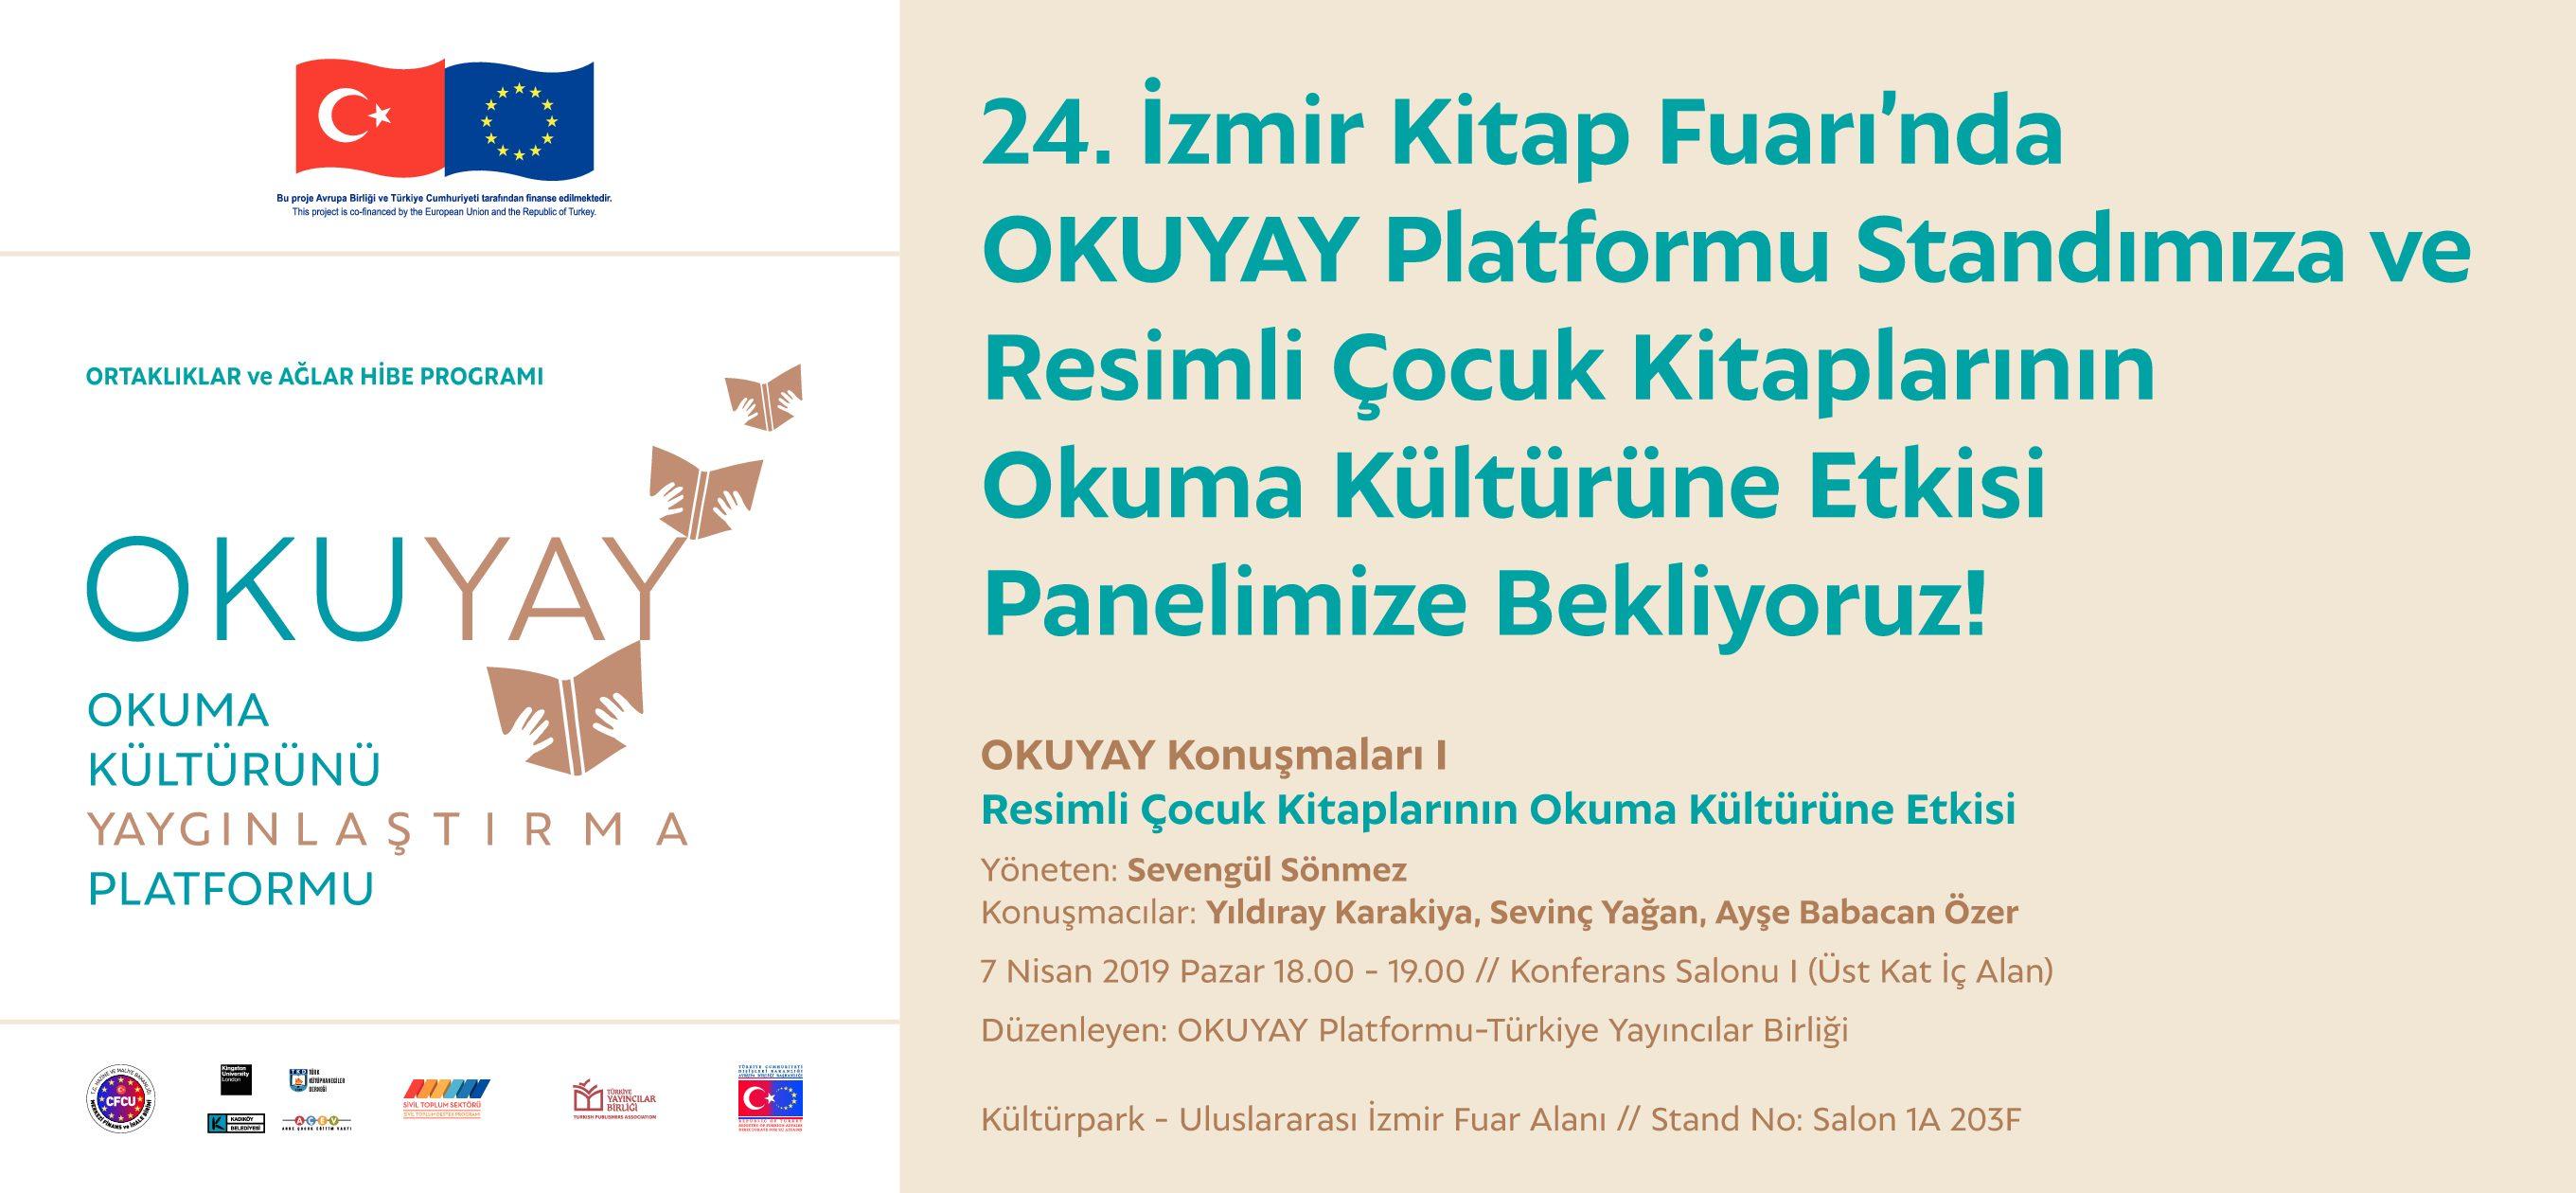 24. İzmir Kitap Fuarı'nda OKUYAY Platformu Standımıza ve Panelimize Bekliyoruz